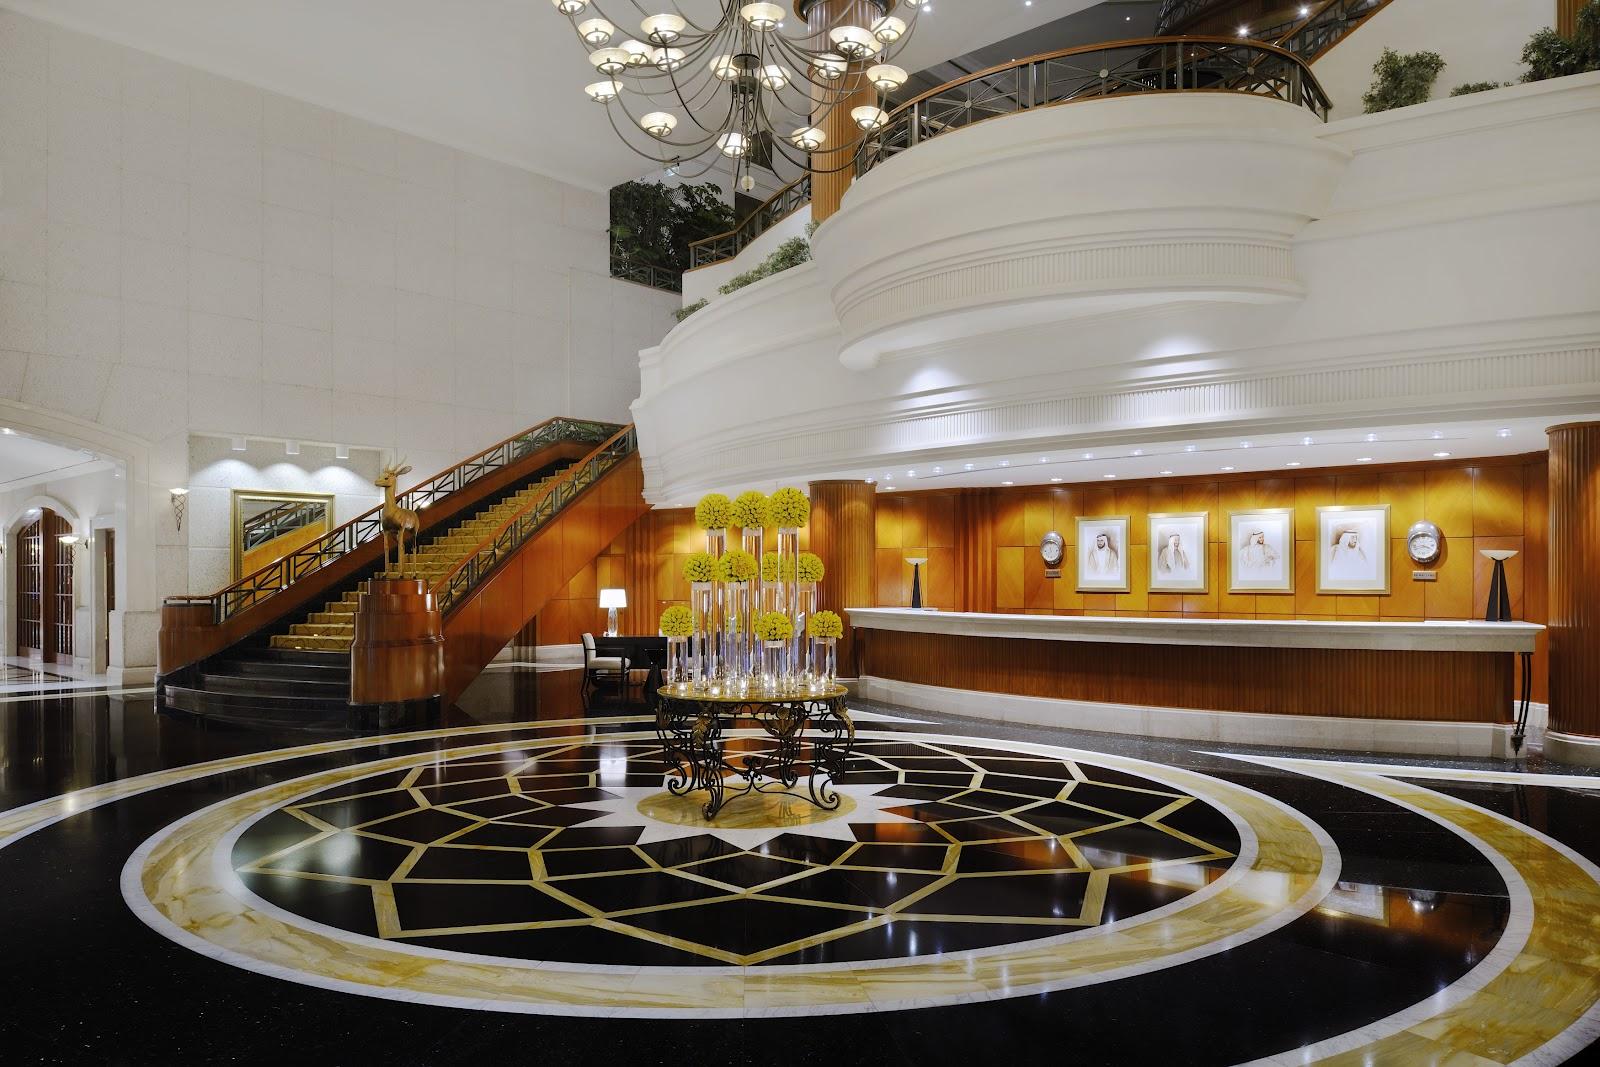 فنادق دبي تواجه تراجعاً كبيراً في تدفق سياح أوروبا وروسيا